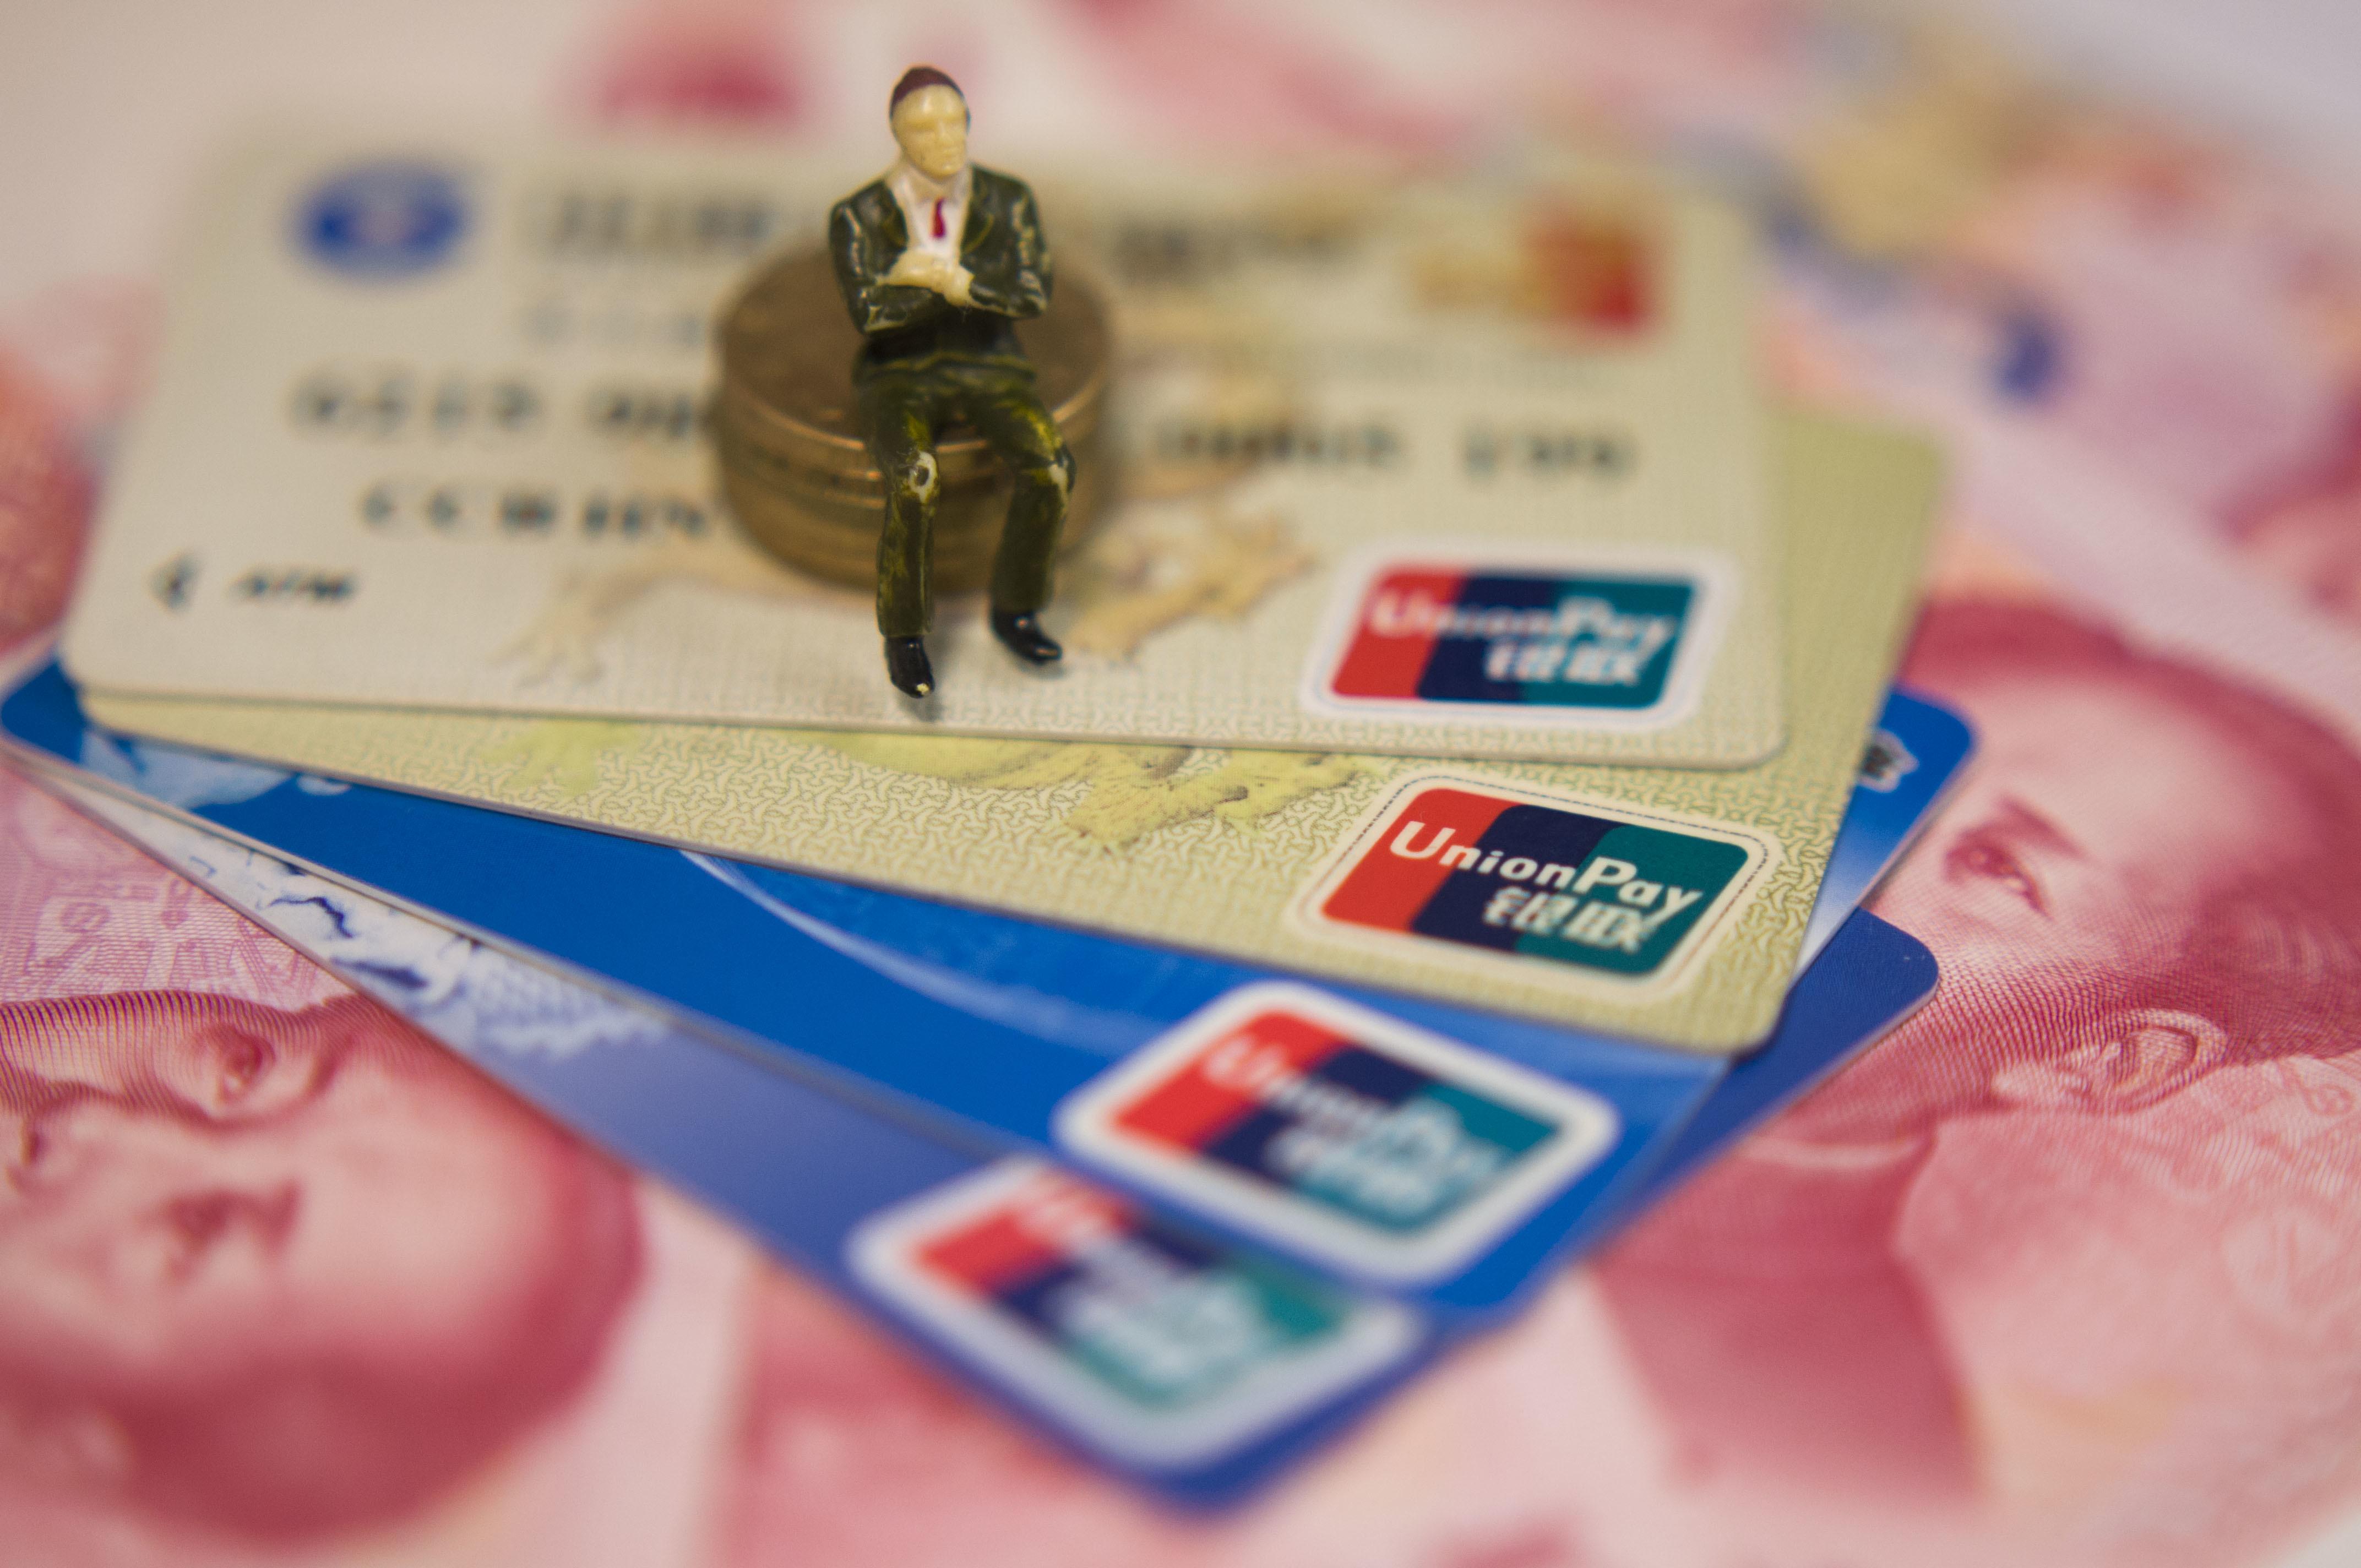 容时容差,还不上信用卡账单的最后法宝!